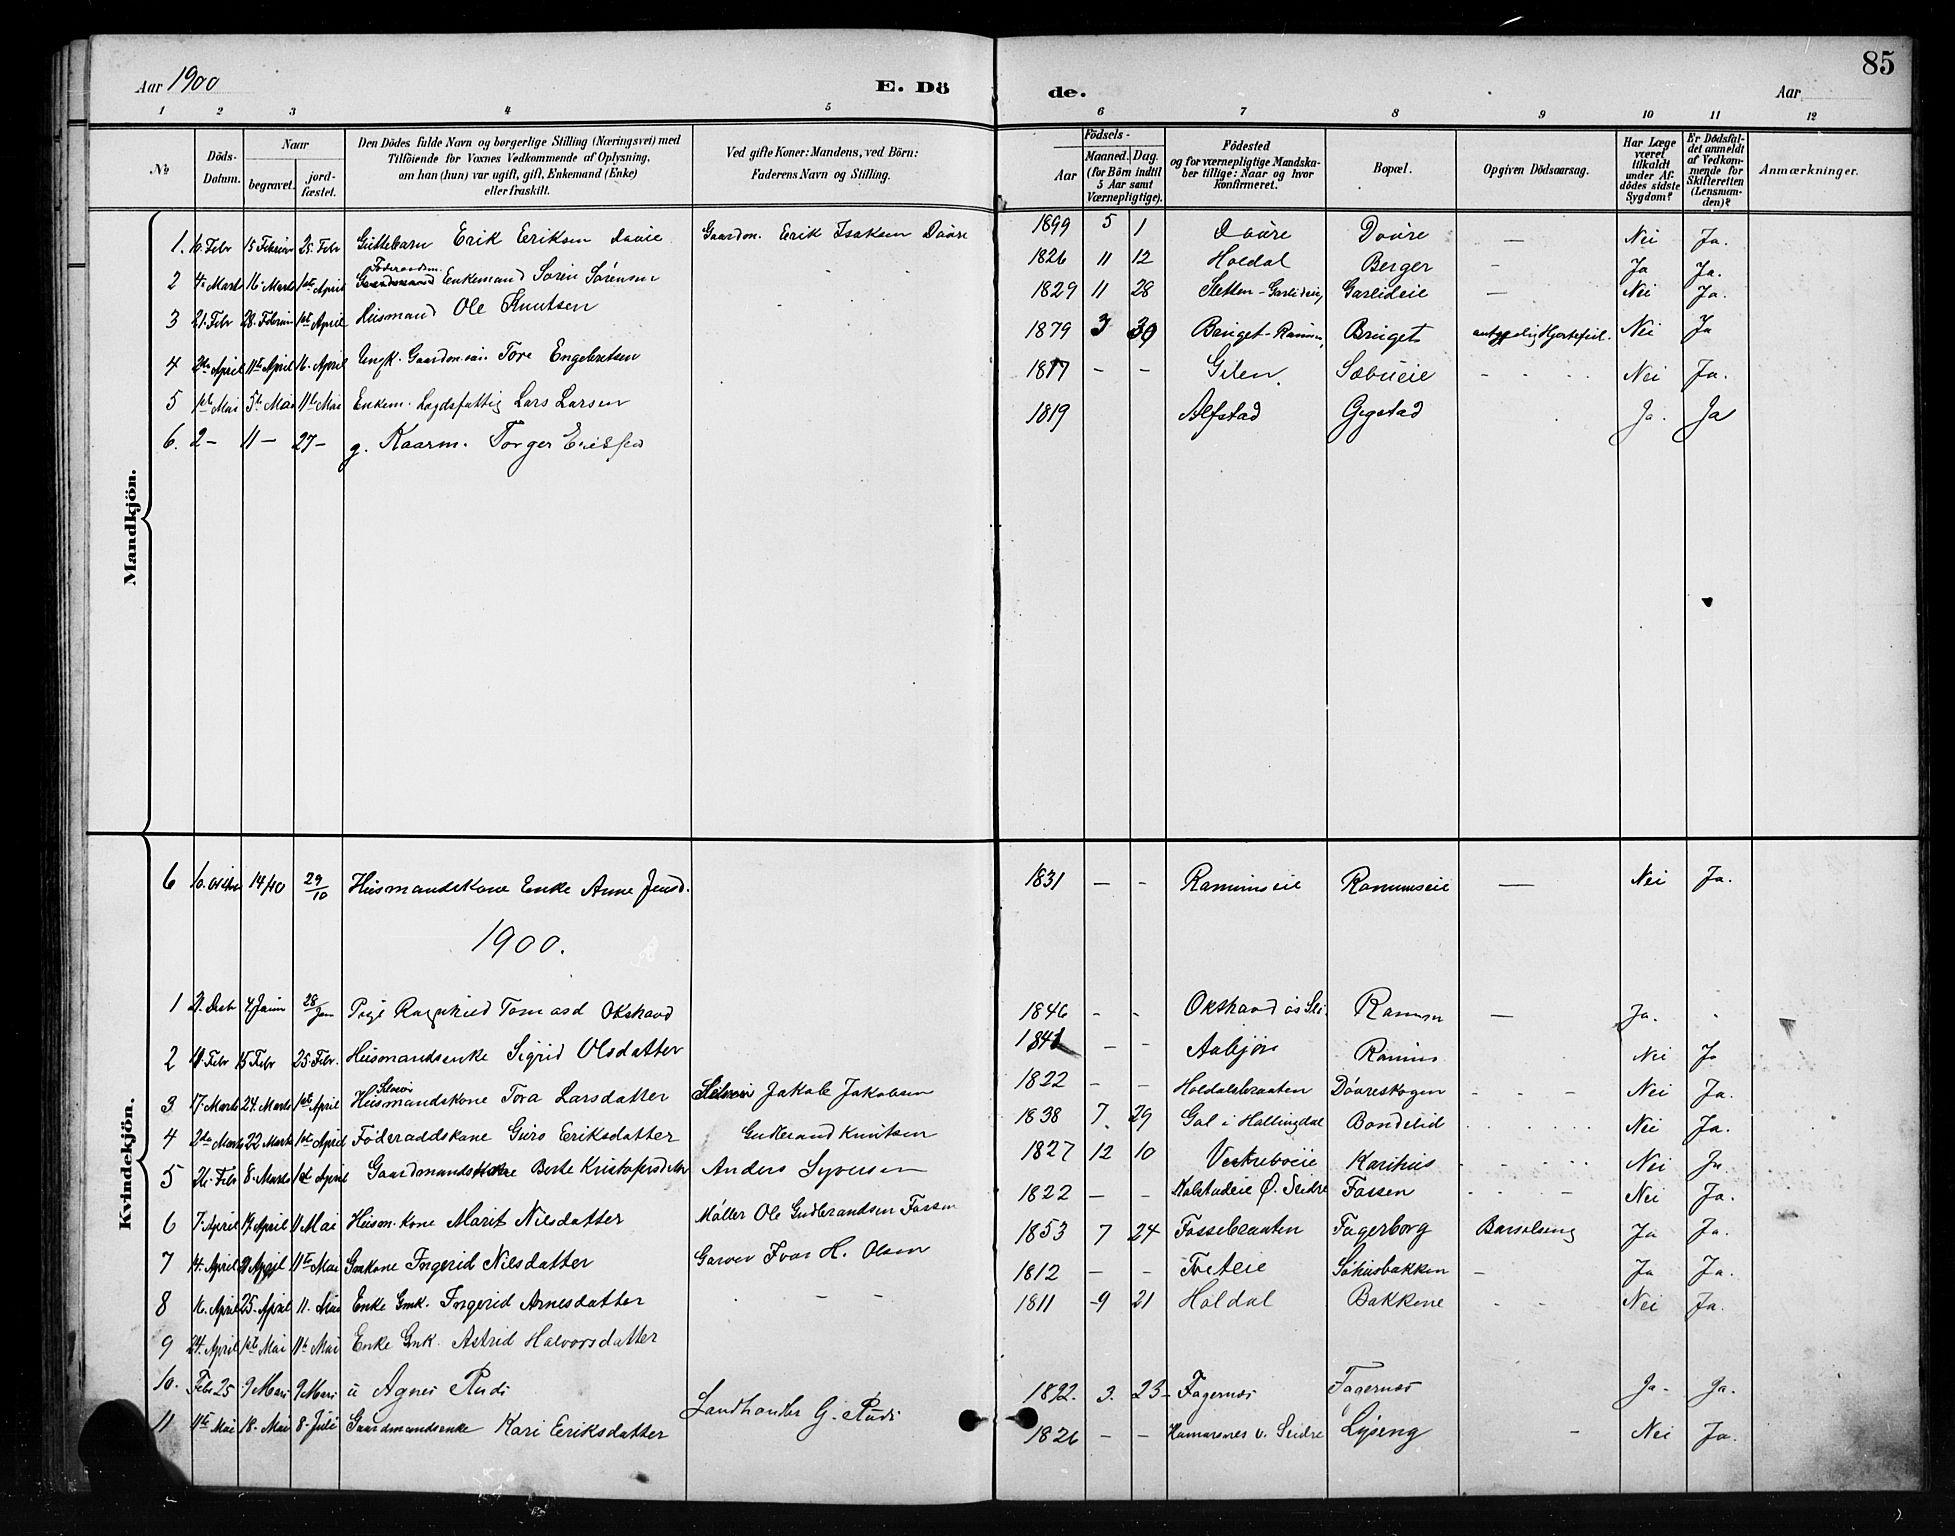 SAH, Nord-Aurdal prestekontor, Klokkerbok nr. 11, 1897-1918, s. 85